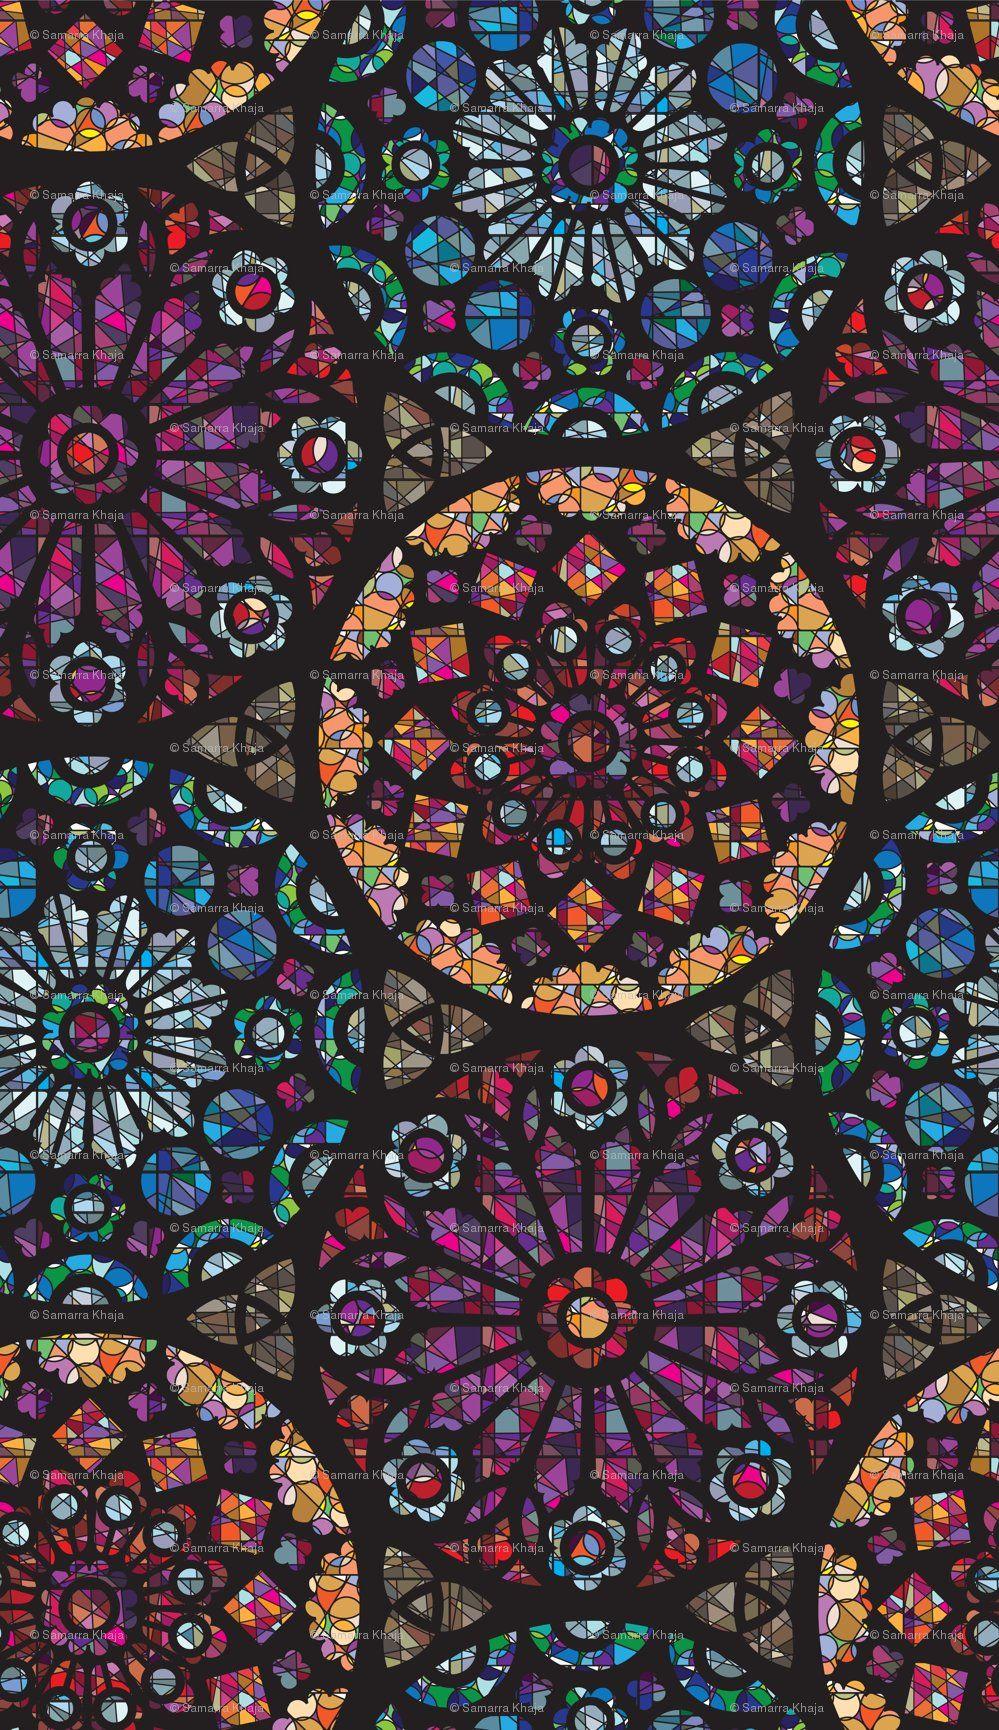 Rosetones Cristal Manchado de Ventanas | Rosetones | Pinterest ...